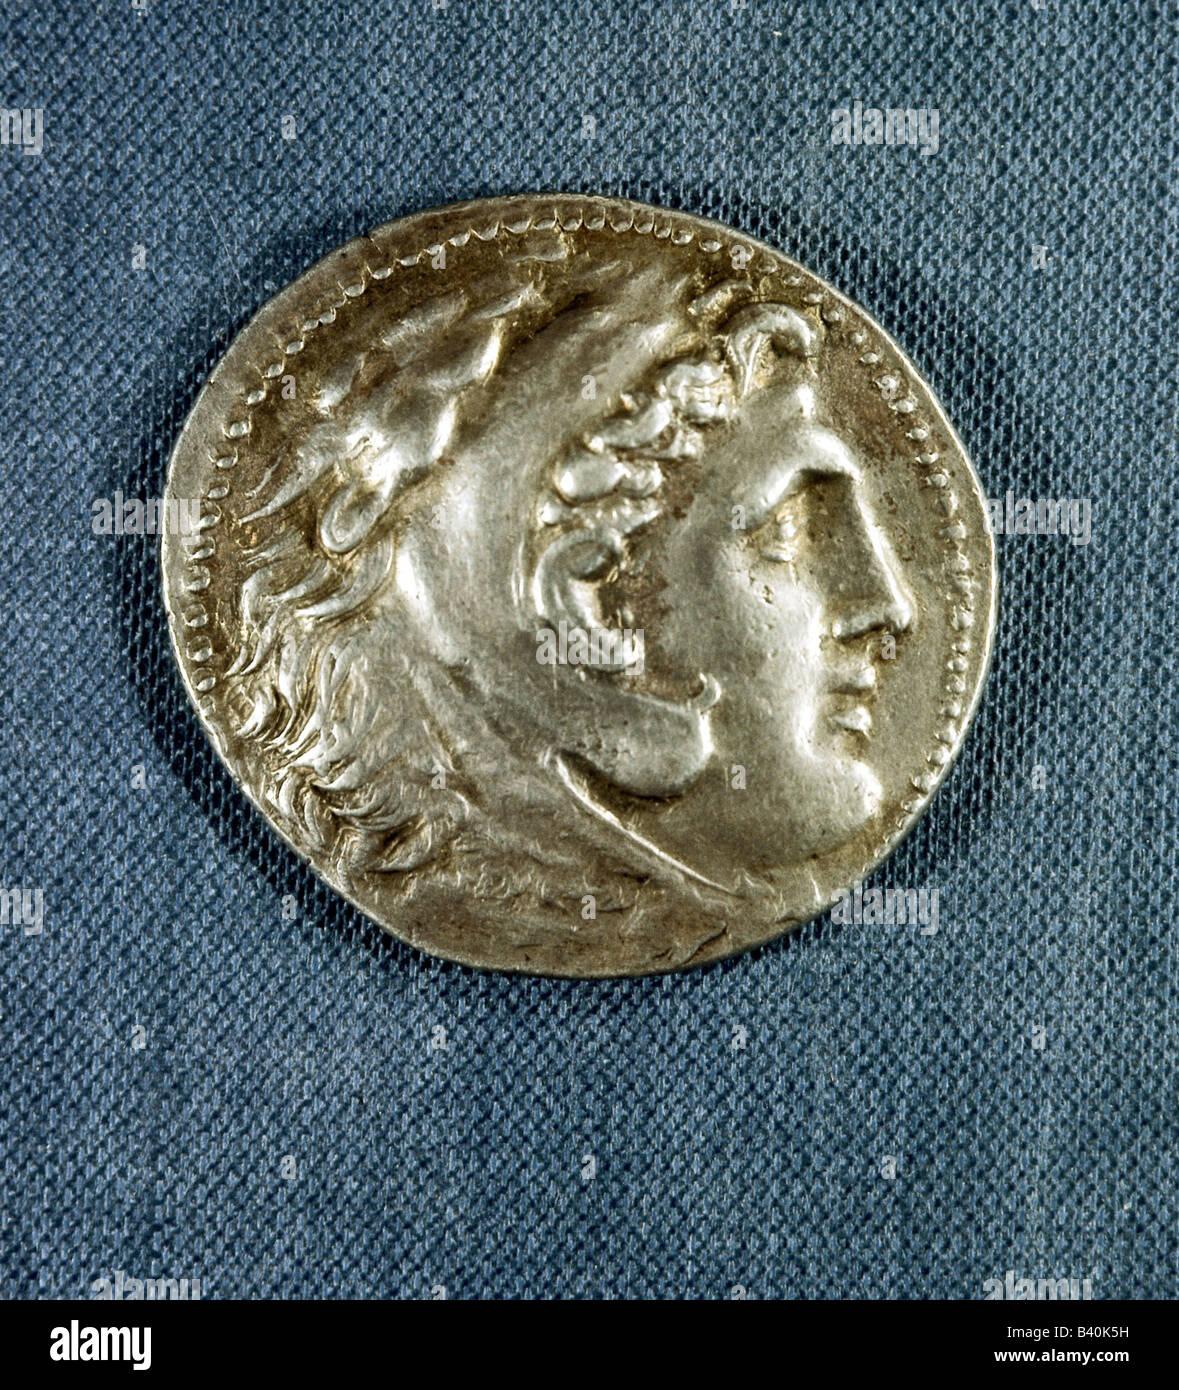 Alexander Iii Der Große 356 106323 Bc König Von Makedonien